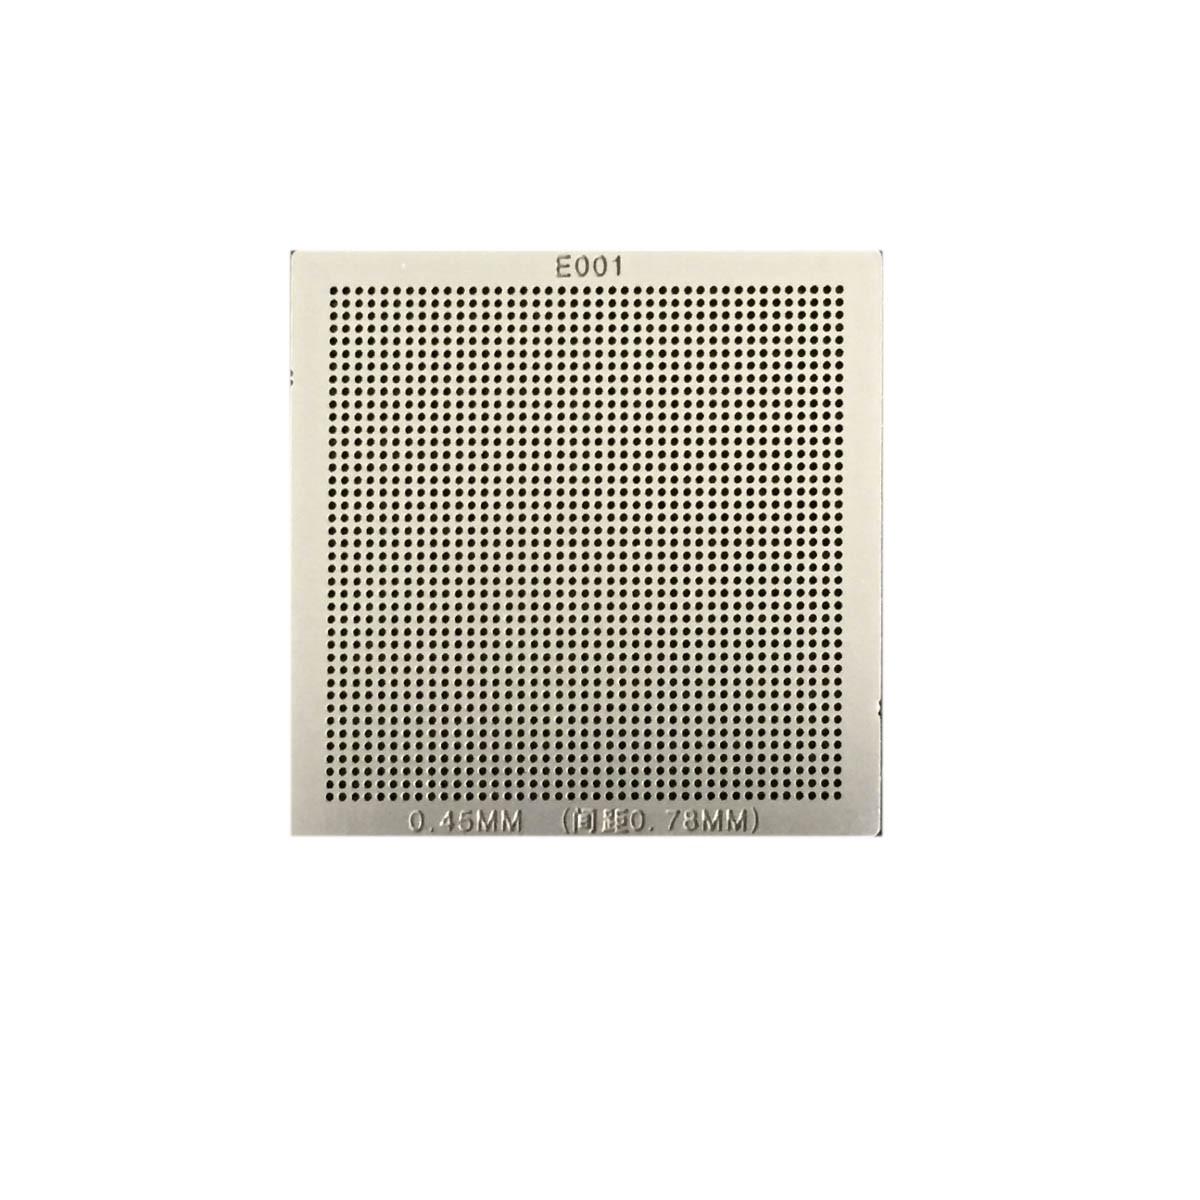 Stencil Calor Direto Universal 0.45mm